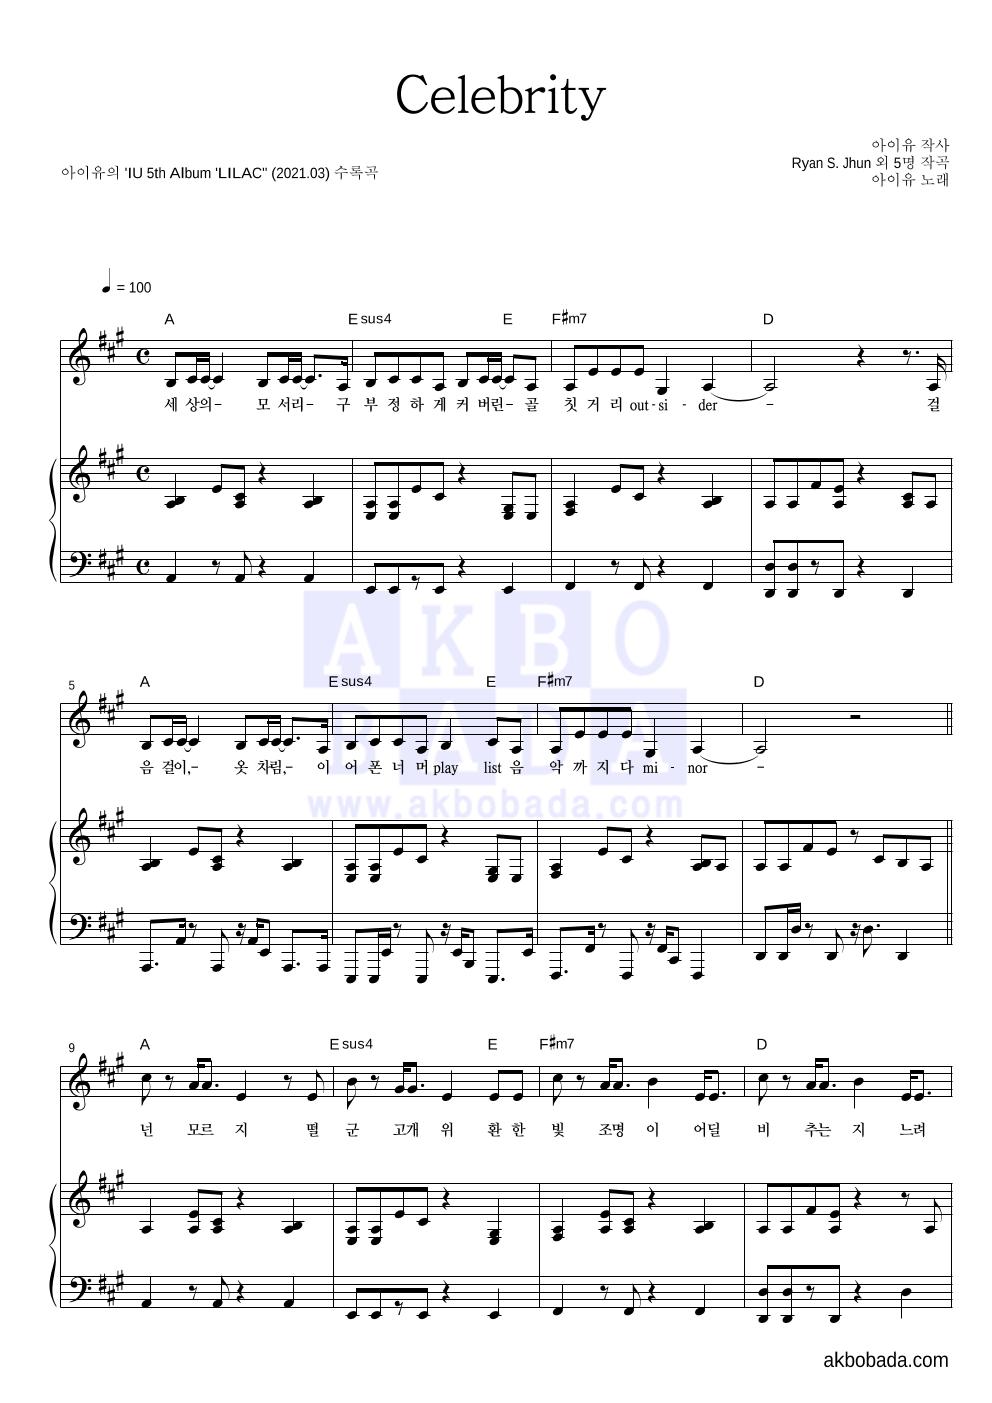 아이유 - Celebrity 피아노 3단 악보